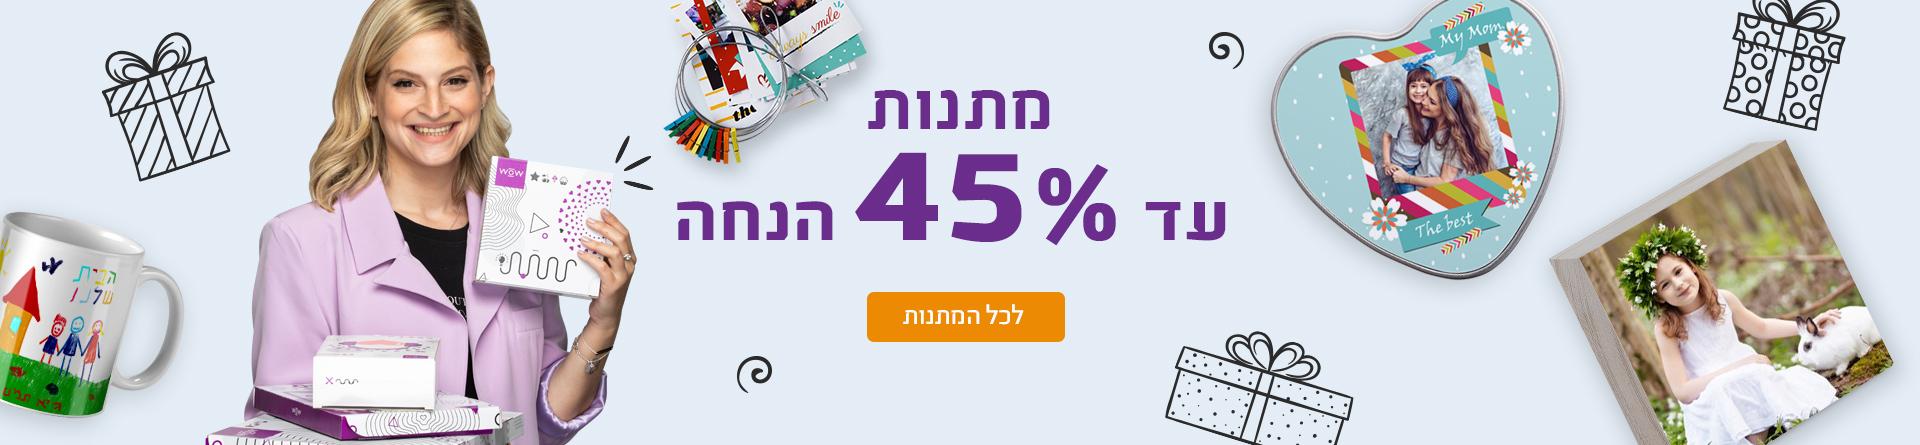 מתנות מאי 45% 3.5